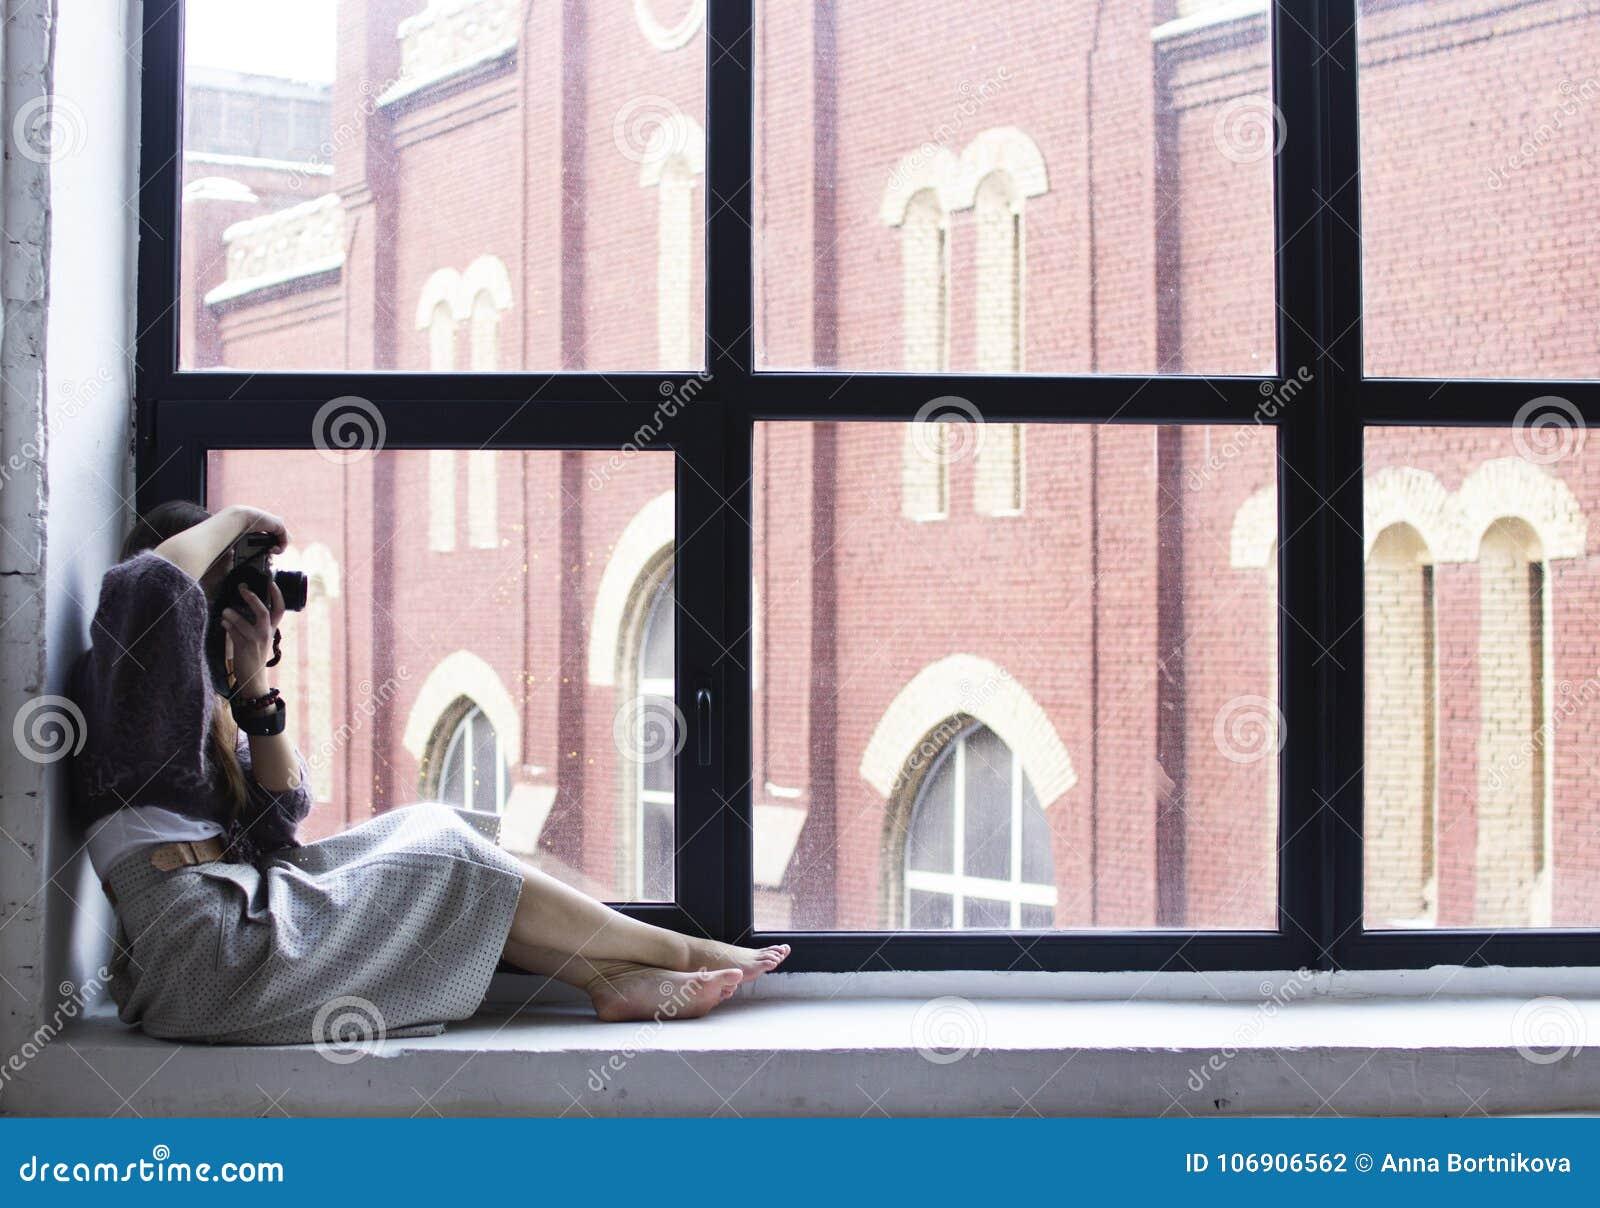 Młoda kobieta siedzi na windowsill z wielkimi okno i wp8lywy